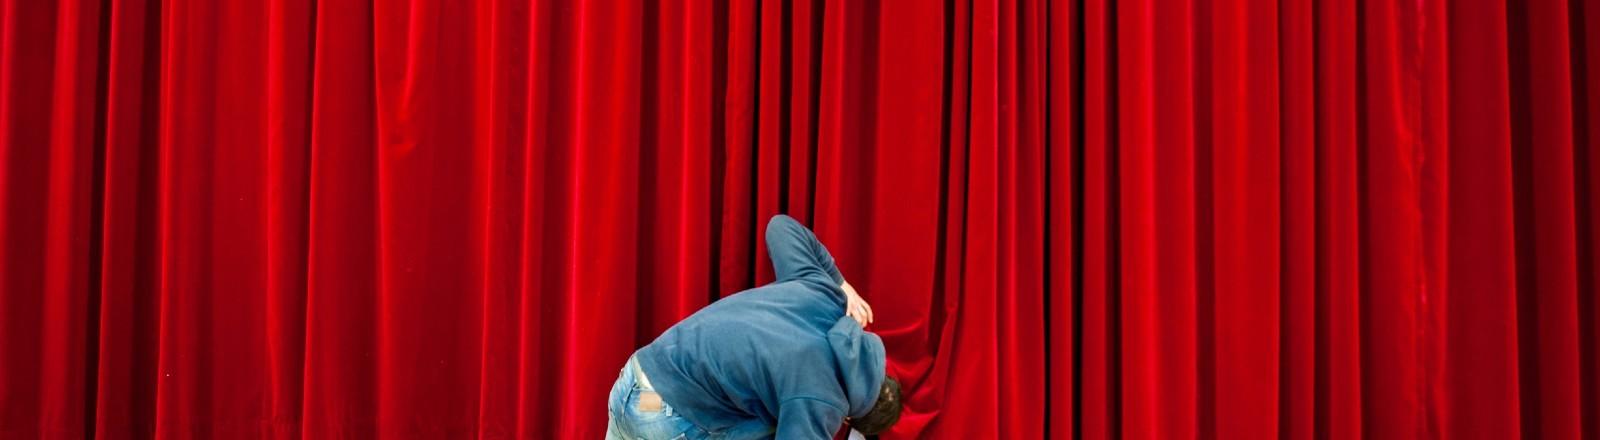 Mann blickt neugierig unter den Kino-Vorhang